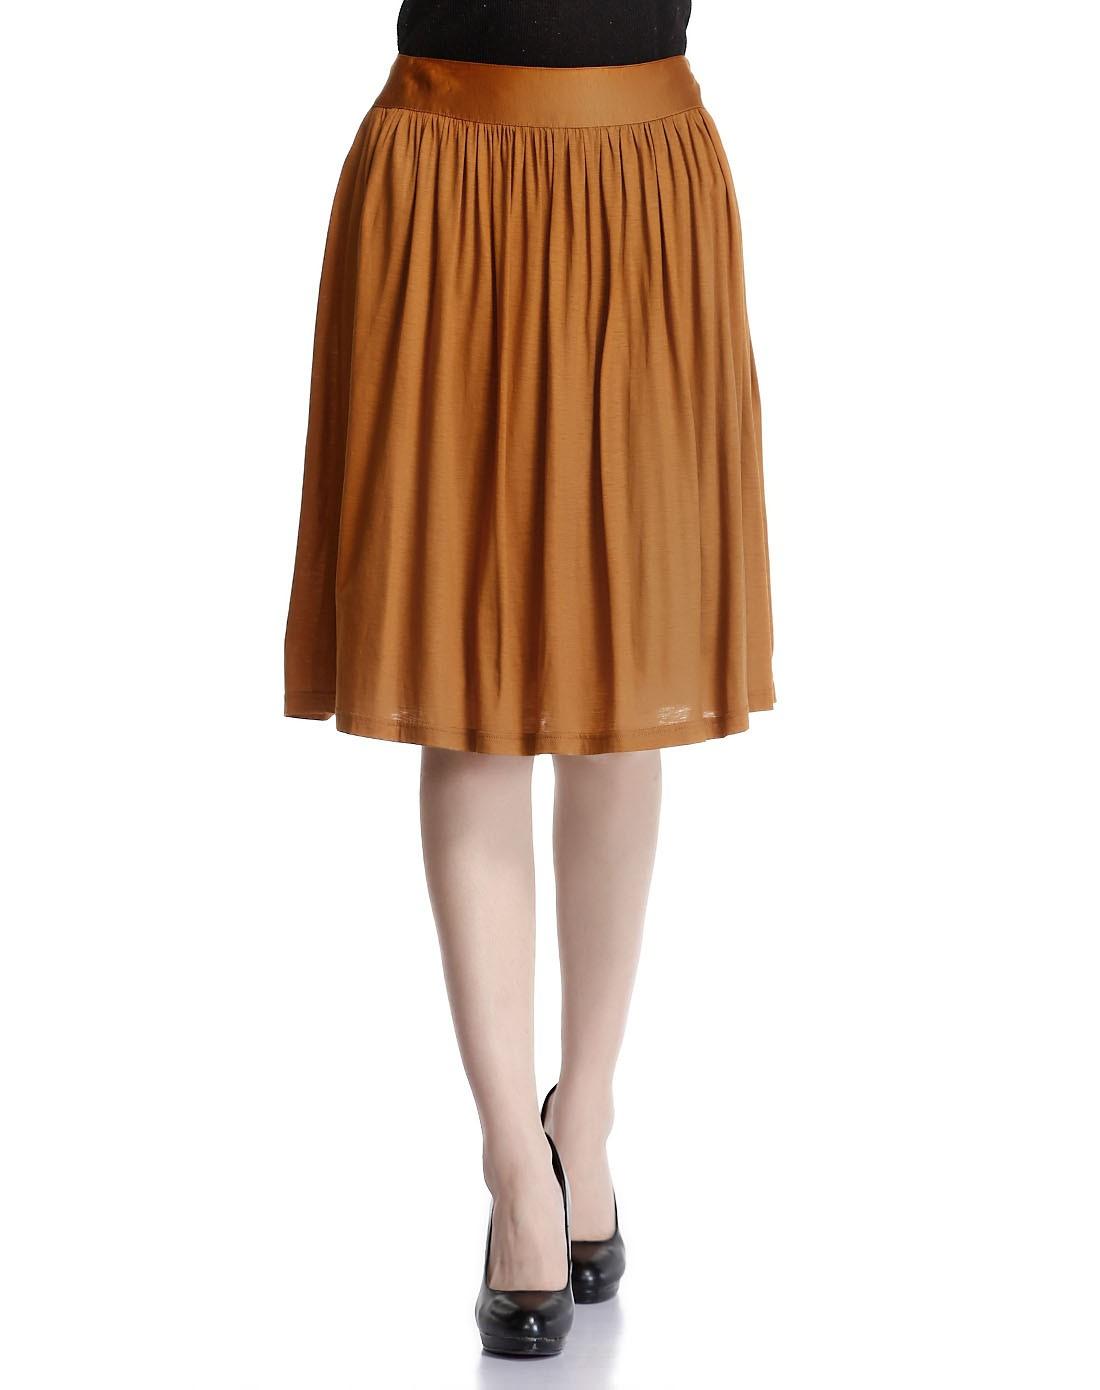 橙棕色简约优雅半裙